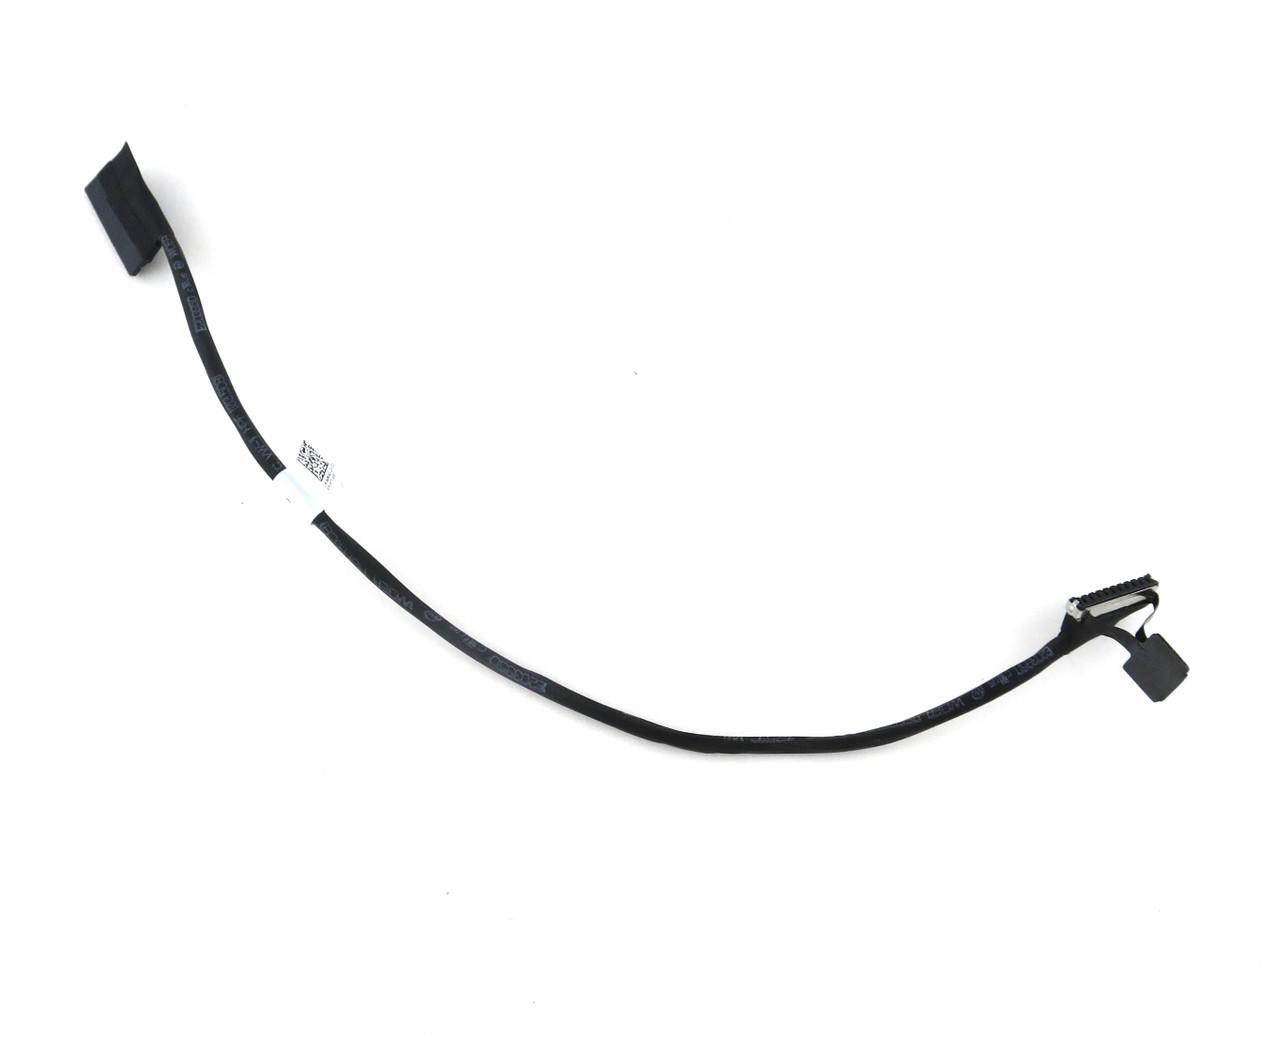 Dell Latitude E7470 Battery Connector Cable - 49W6G